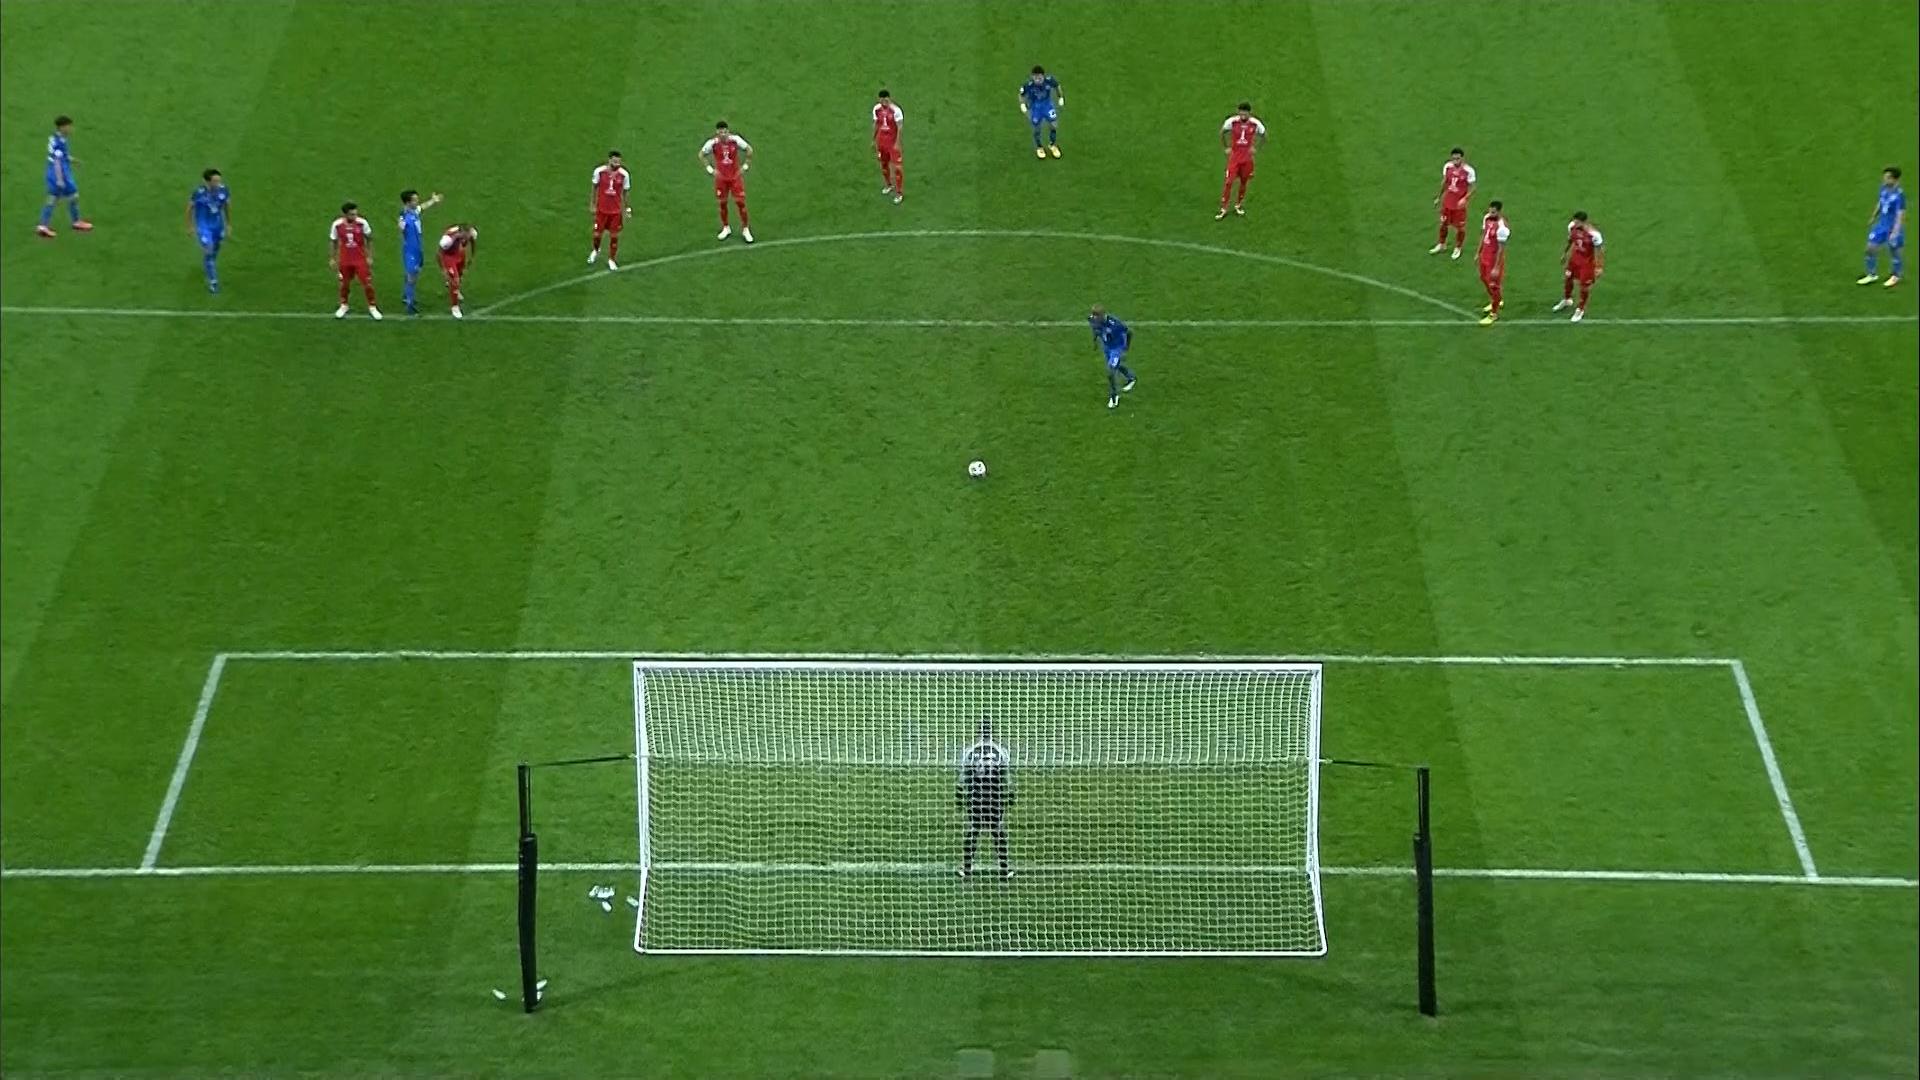 ไฮไลต์ เปอร์เซโปลิส 1-2 อุลซาน ฮุนได ฟุตบอลเอเอฟซี แชมเปียนส์ลีก 2020